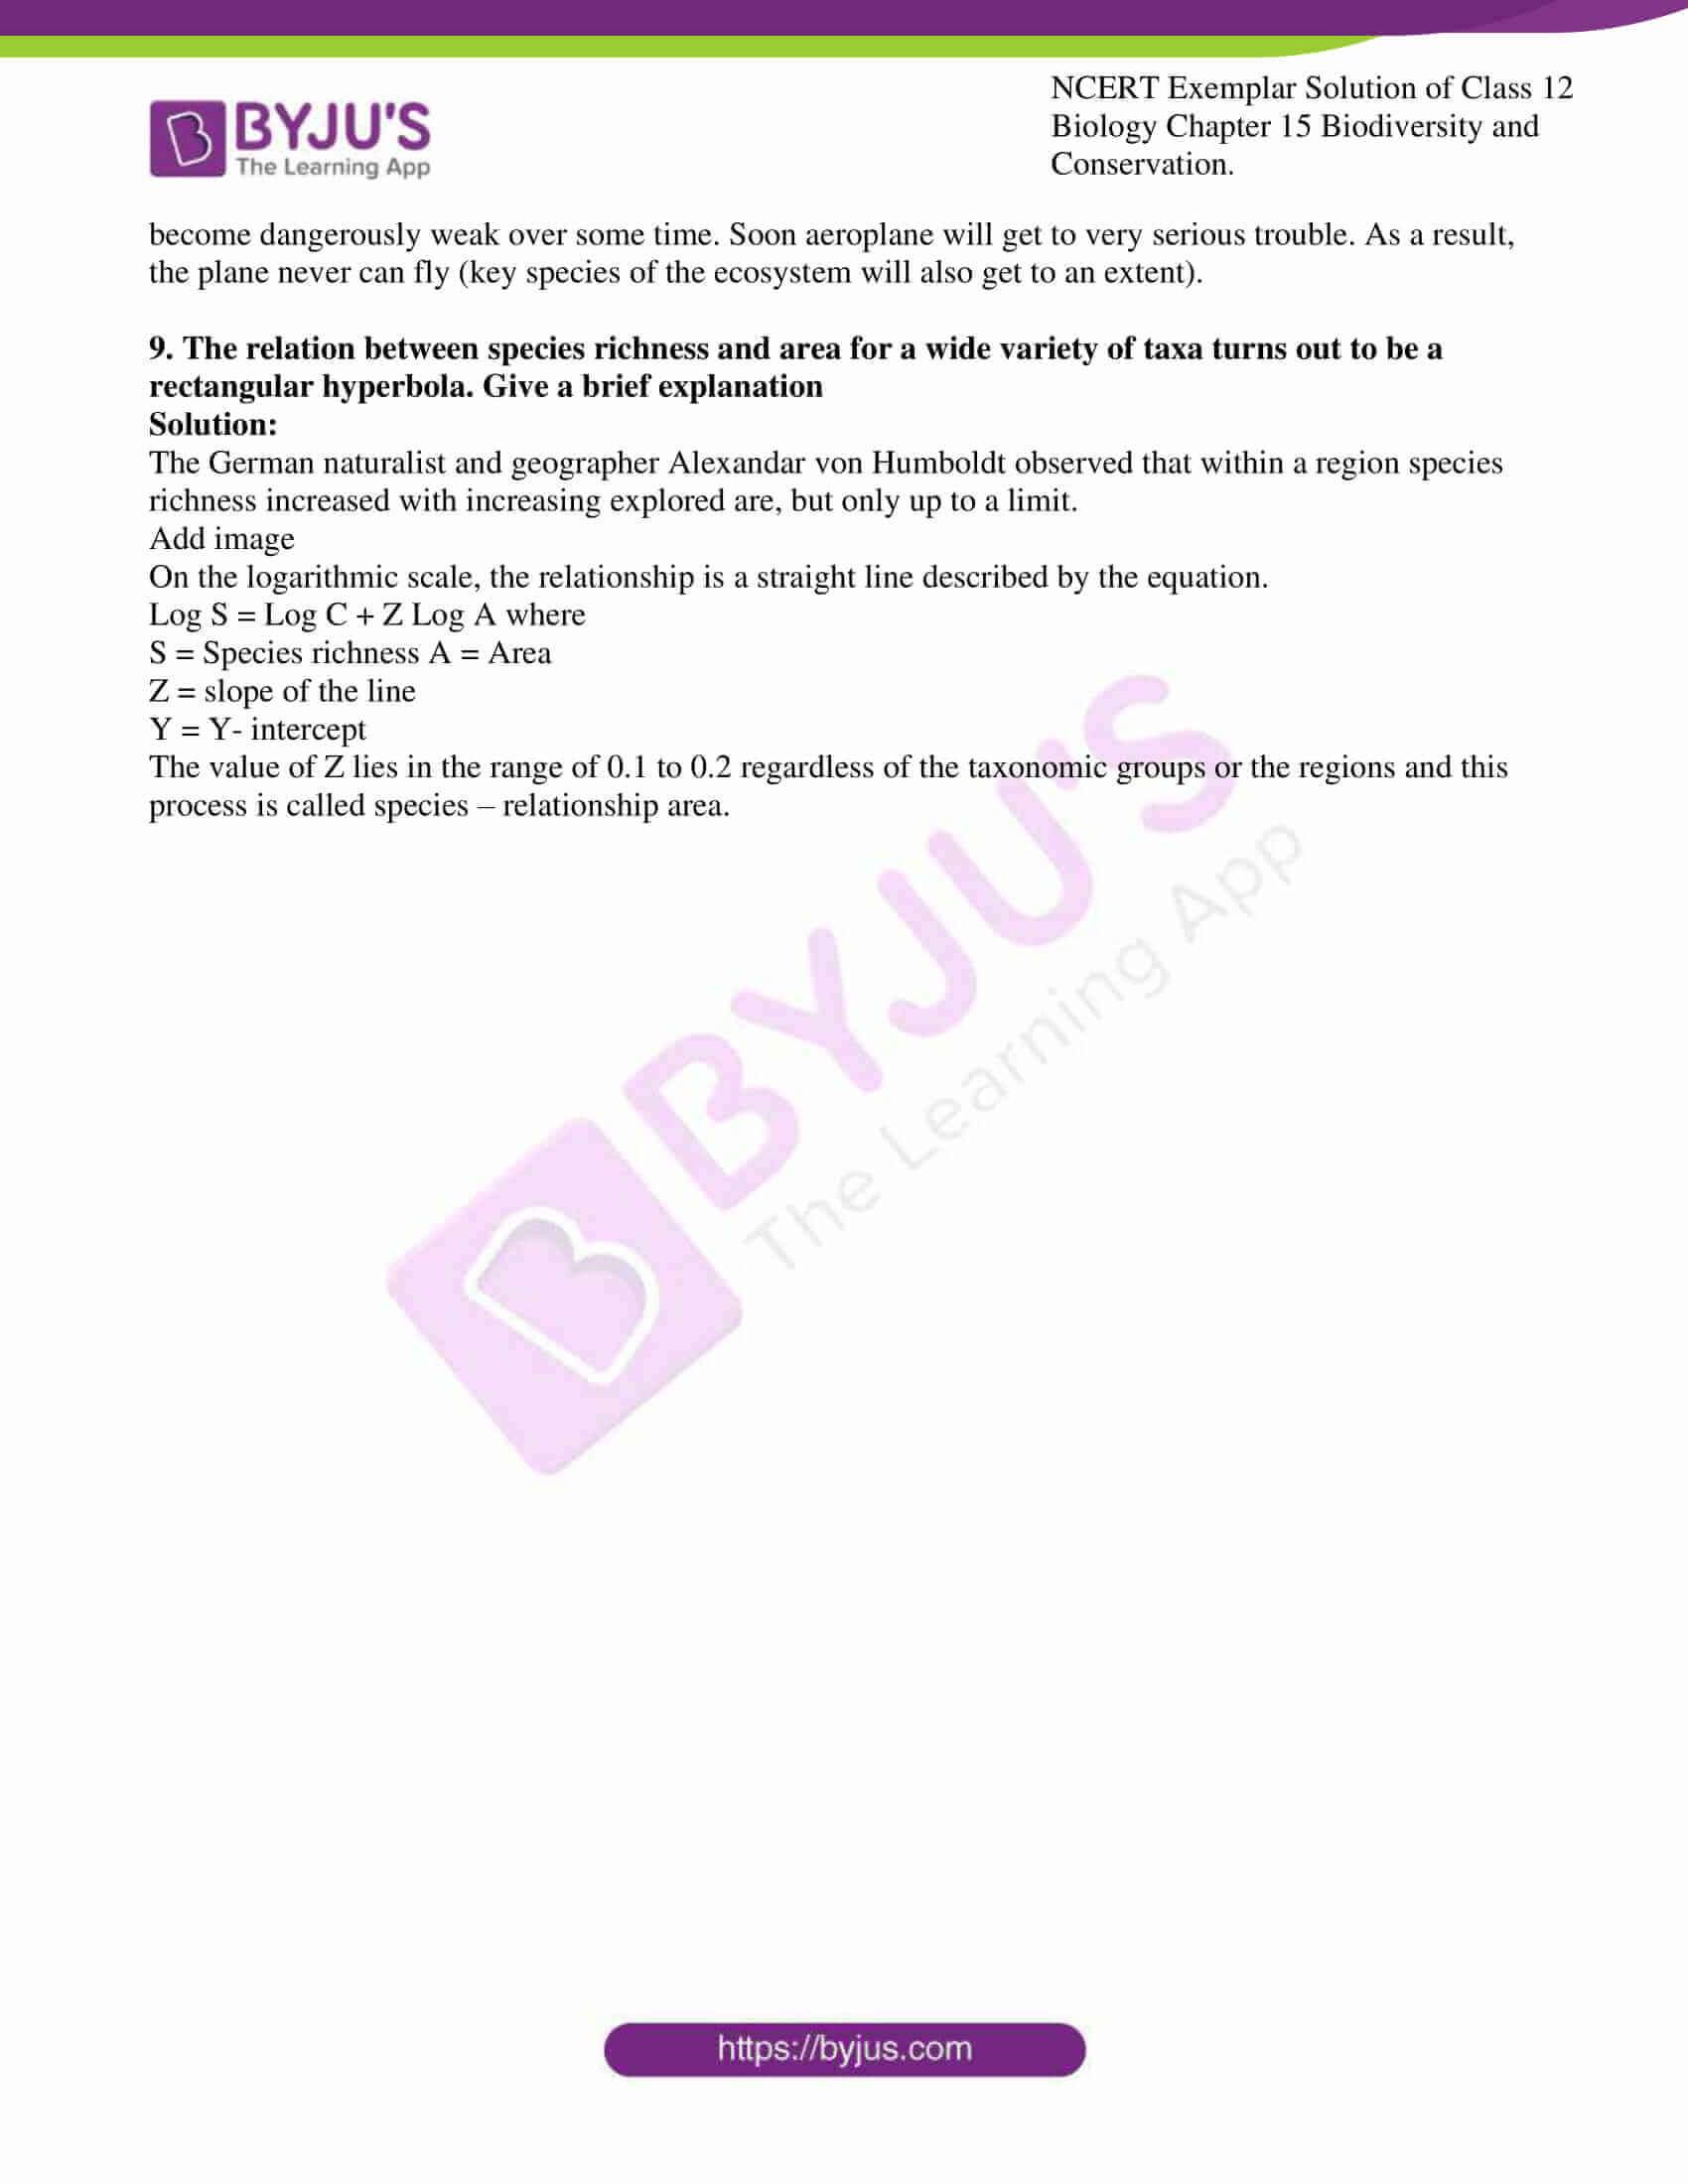 ncert exemplar solution of class 12 biology chapter 15 11